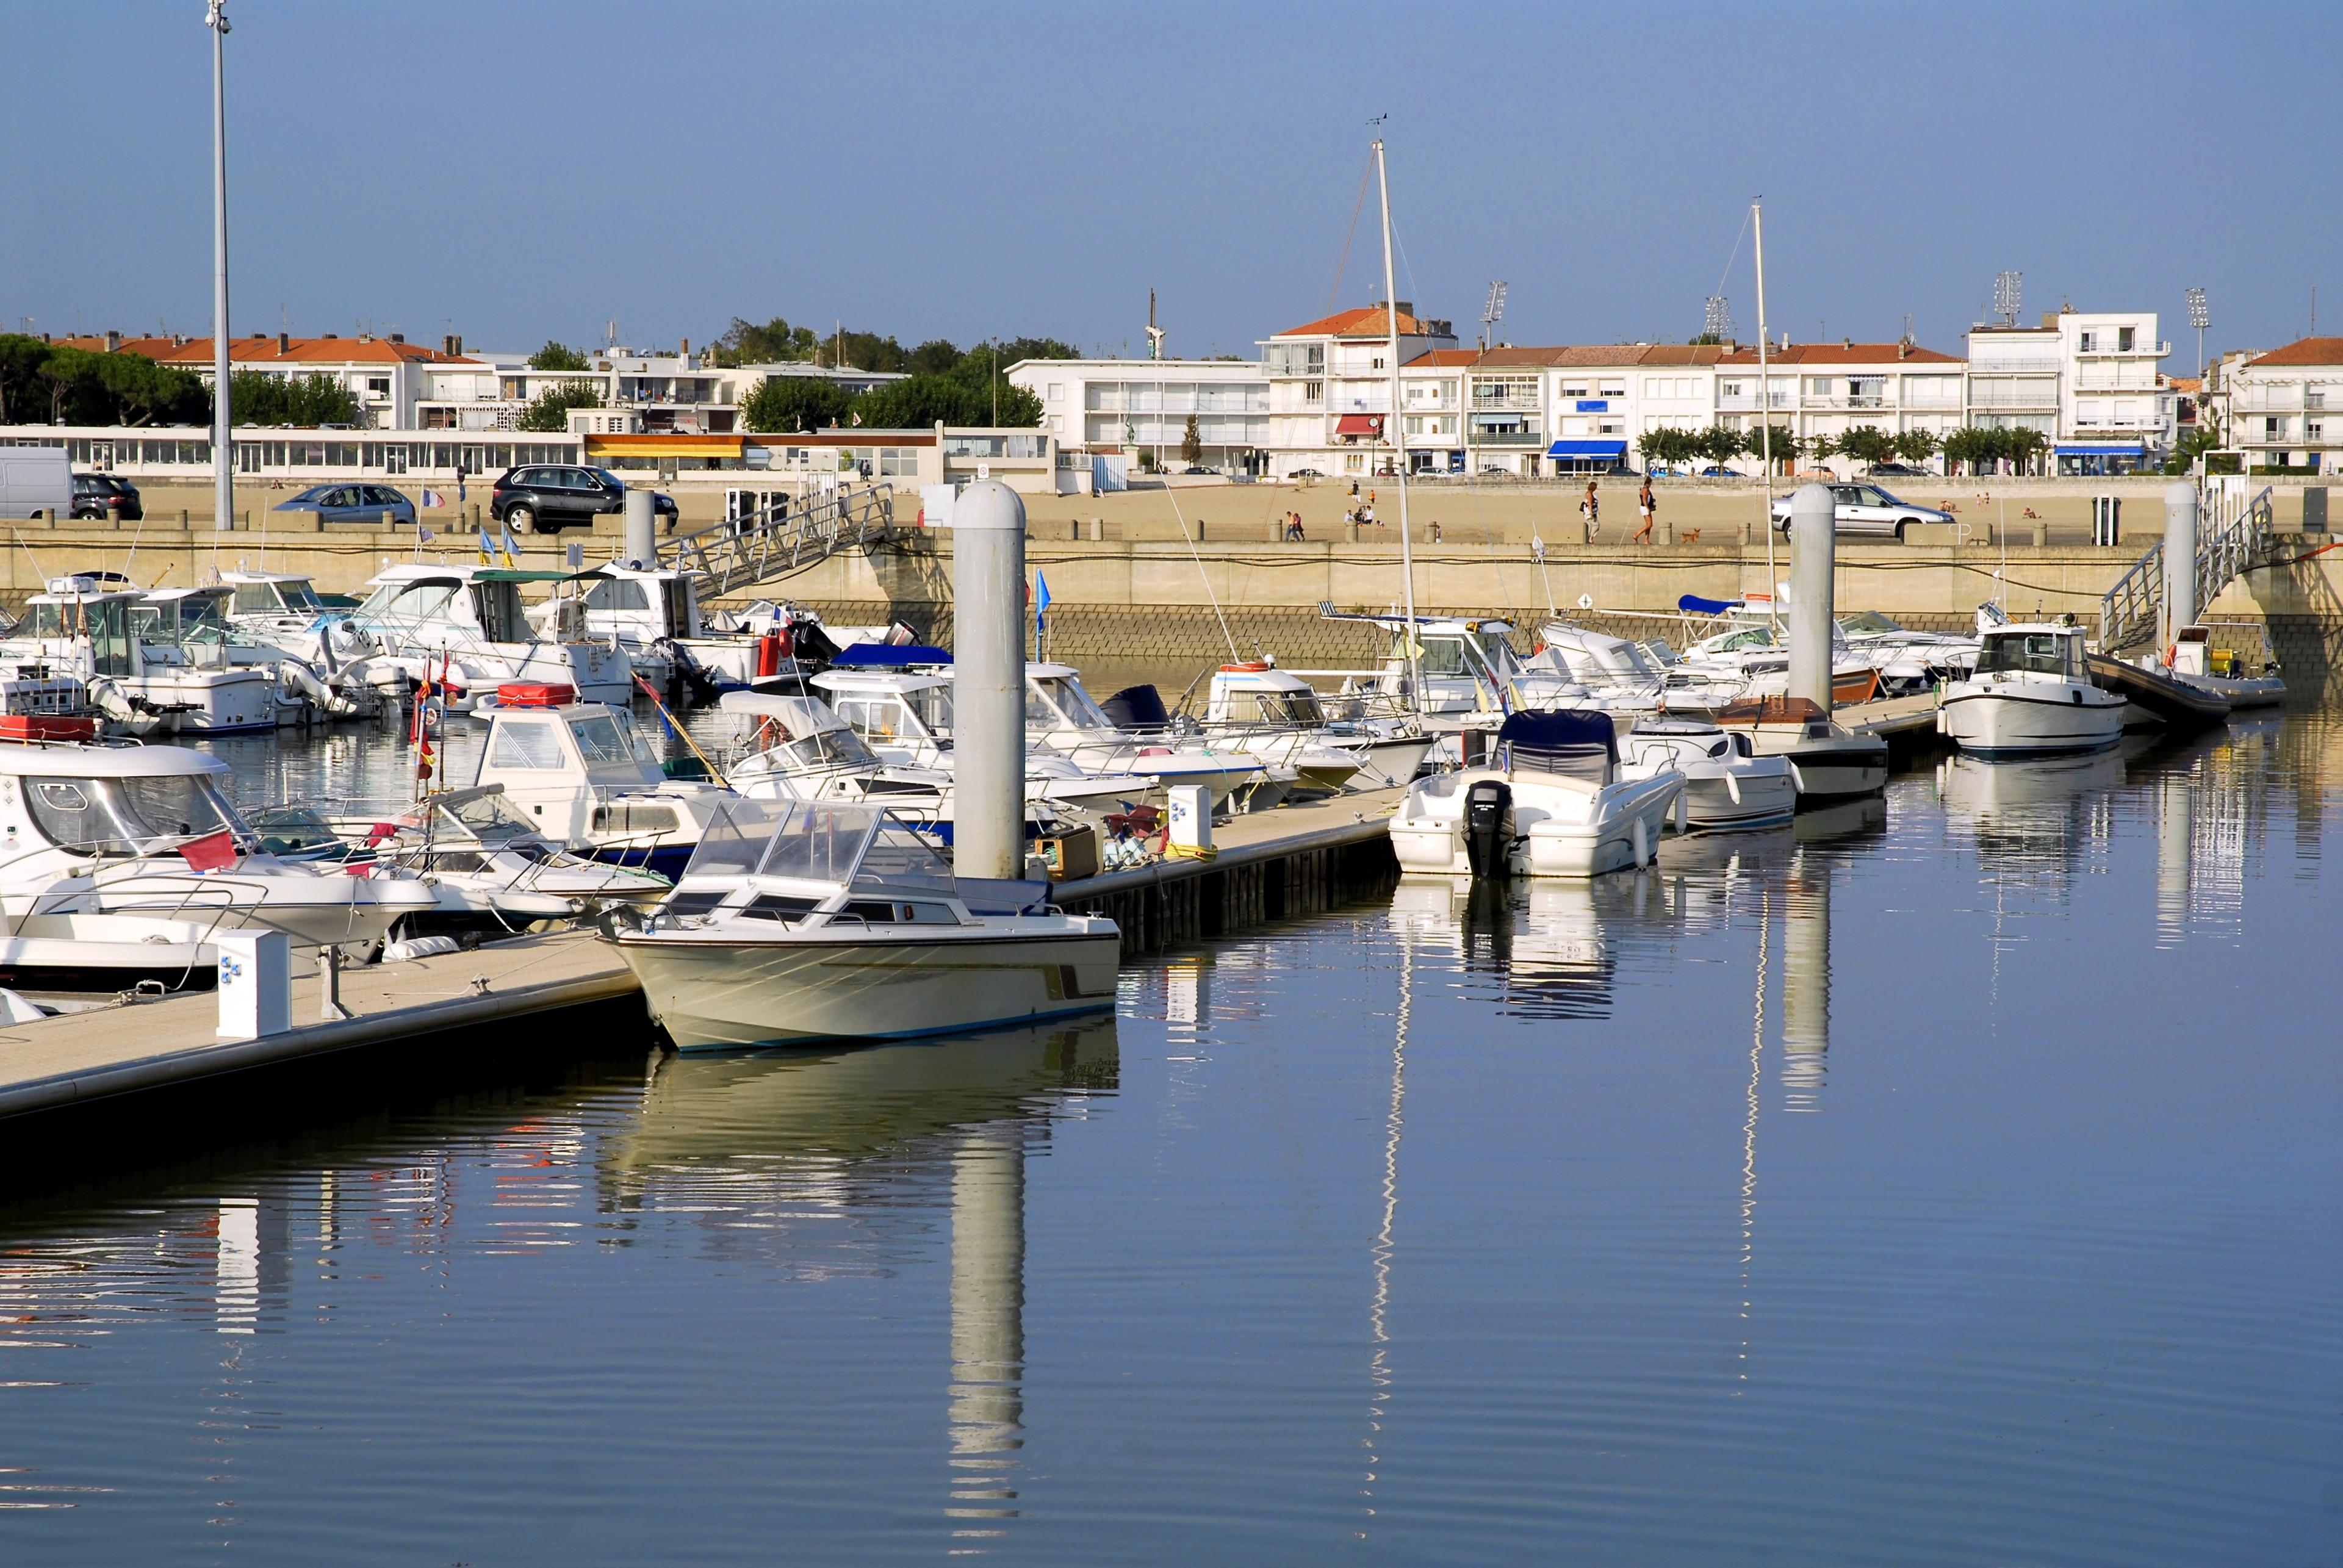 Royan Atlantique, Charente-Maritime, France